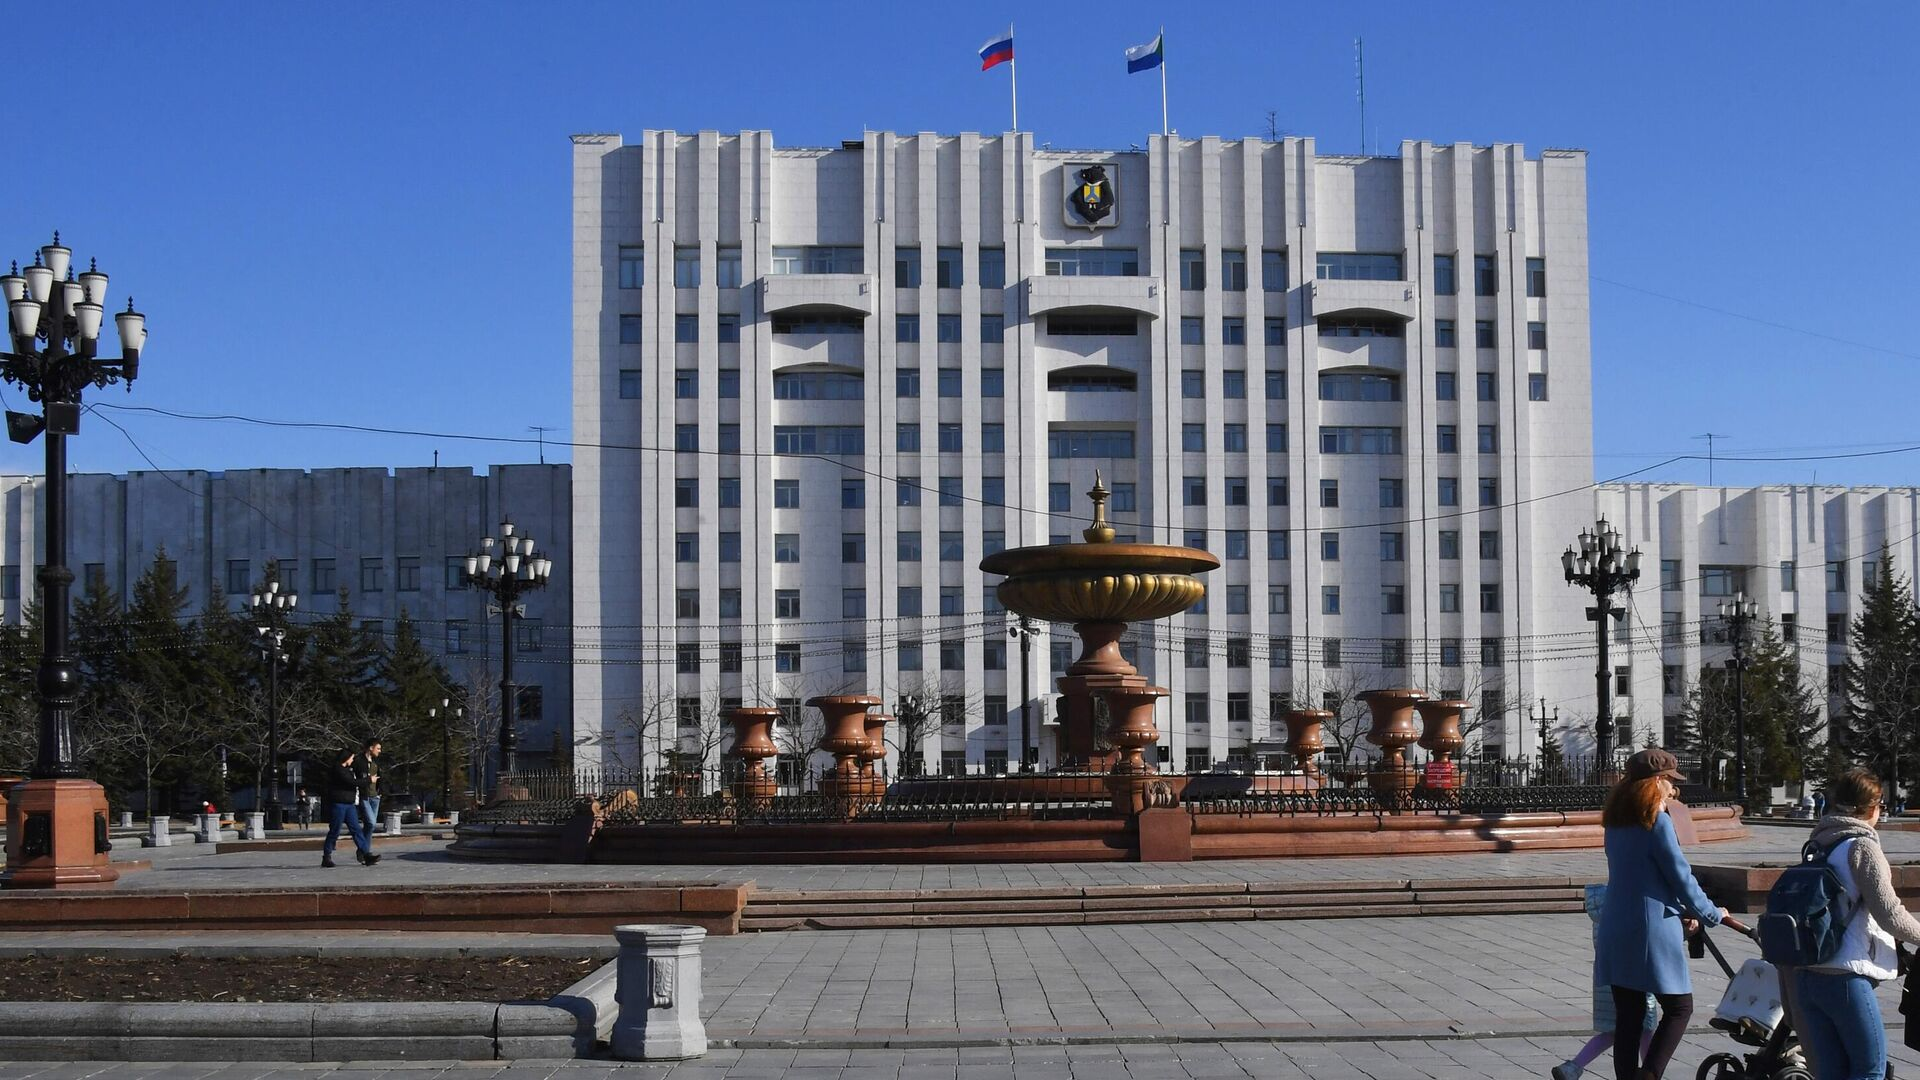 Площадь Ленина в Хабаровске - РИА Новости, 1920, 16.06.2021